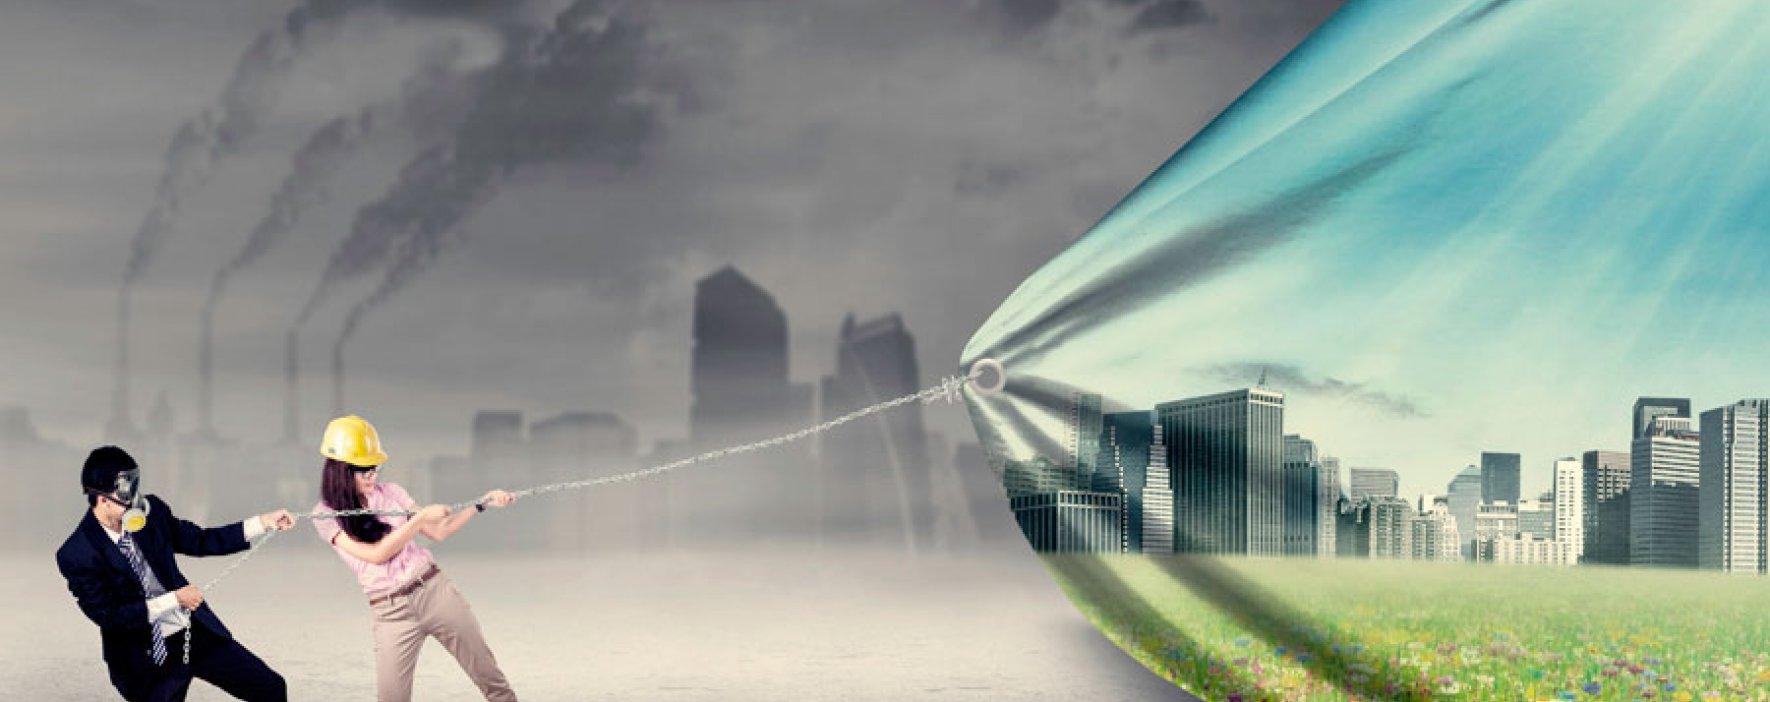 El poder de construir ciudades de calidad